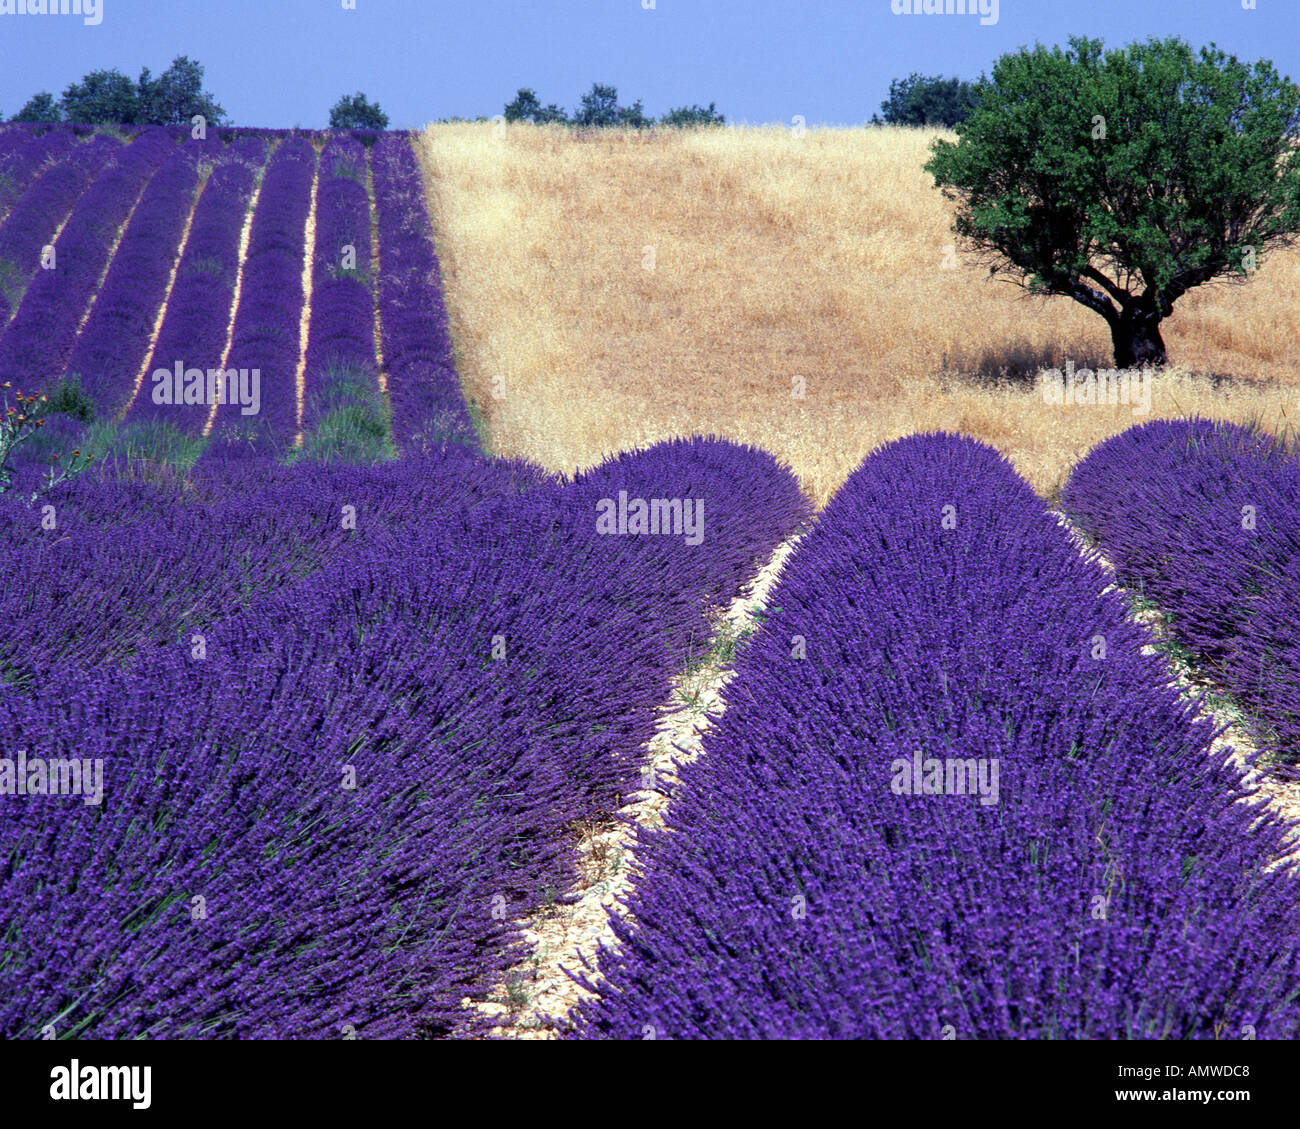 FR - Alpes-de-HAUTE-Provence: Campo de lavanda y árbol en la meseta de Valensole cerca Puimoisson Imagen De Stock